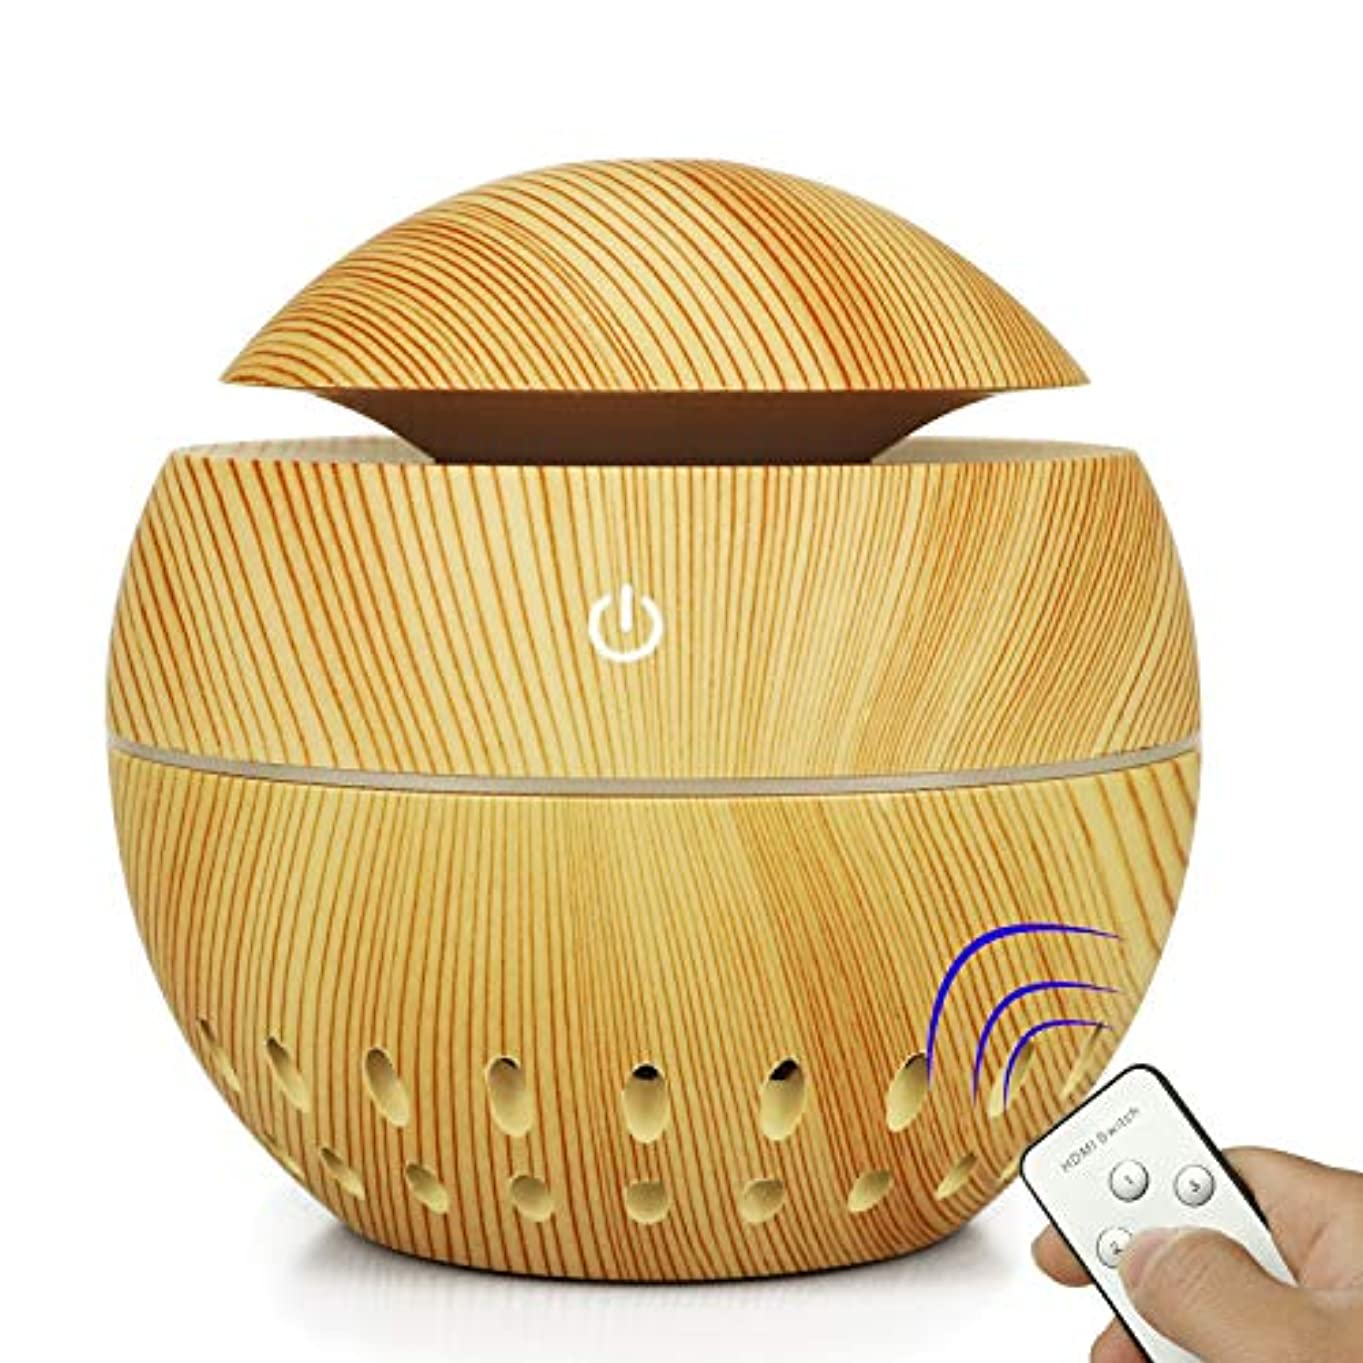 エトナ山一貫性のない飽和する加湿器USBウッドグレイン中空加湿器きのこ総本店小型家電 (Color : Brass, Size : 100MM*105MM)